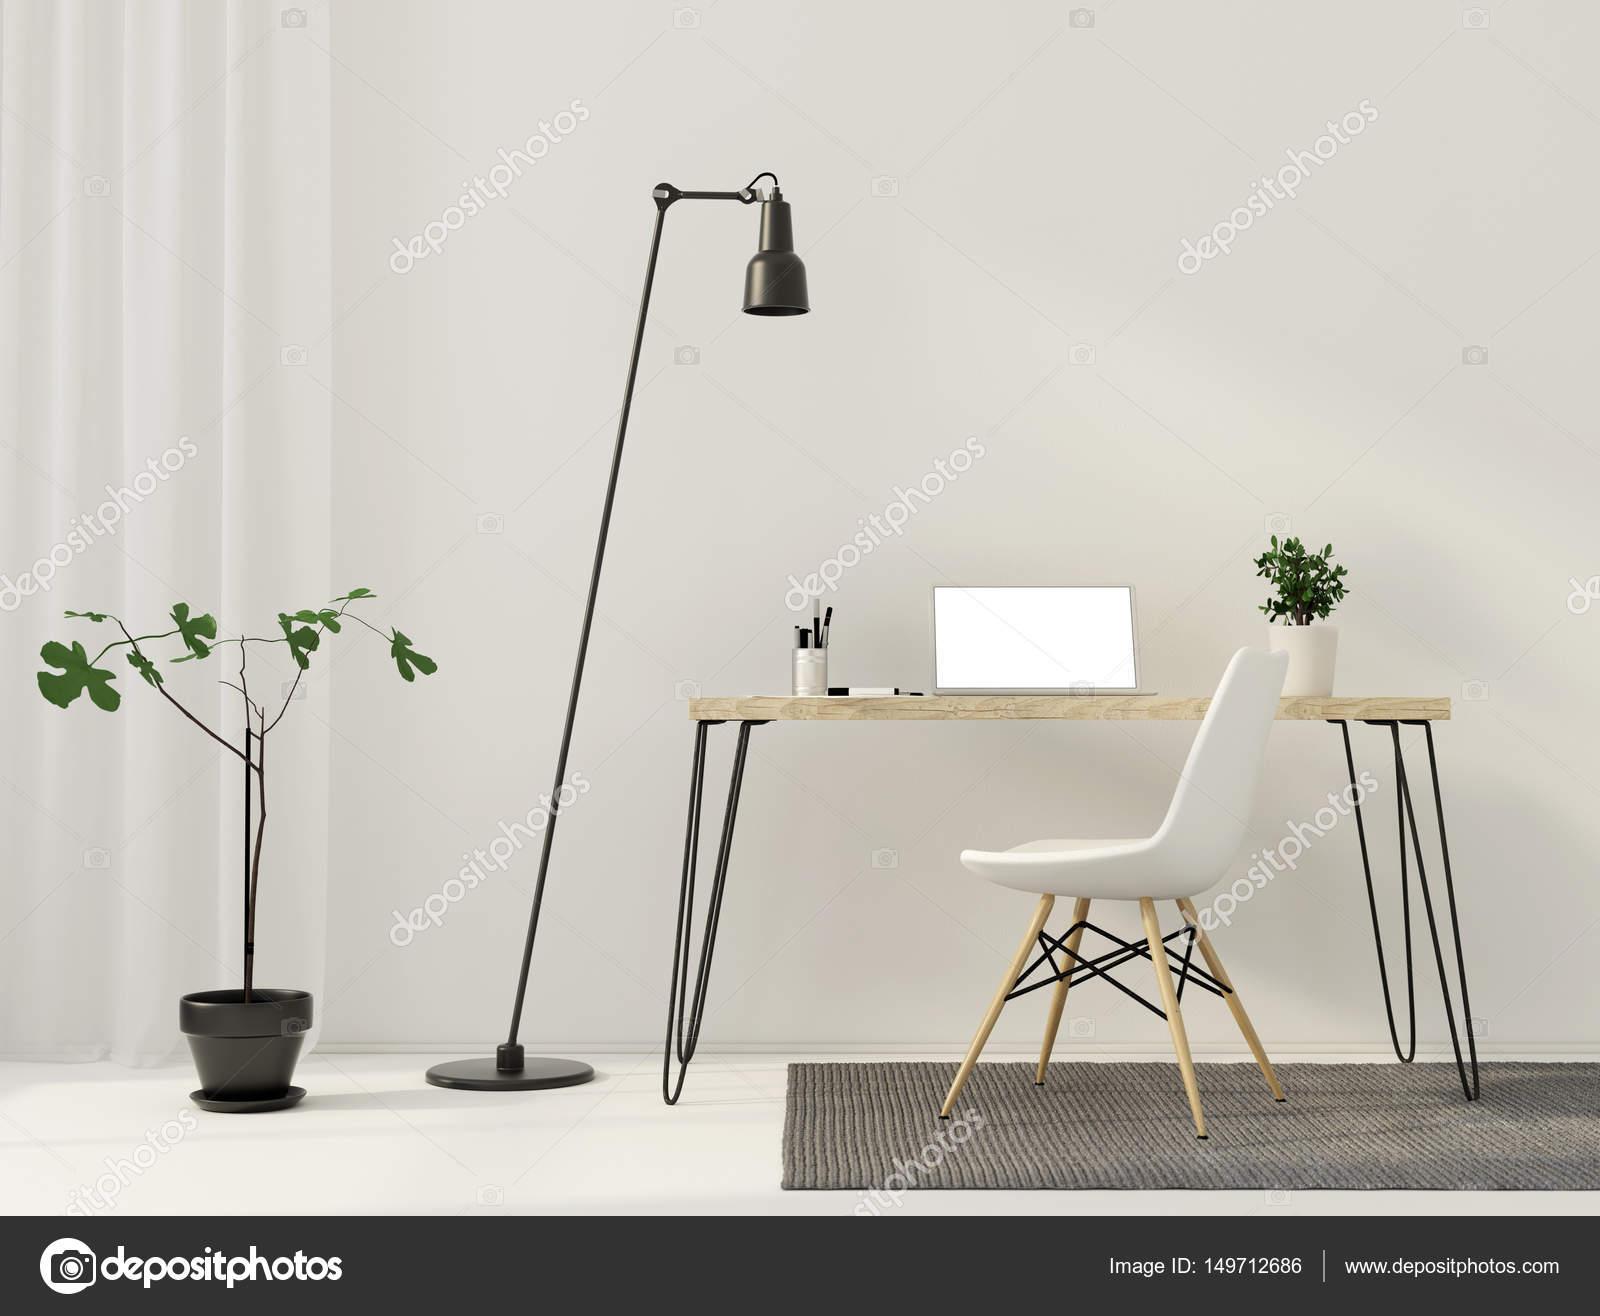 Minimalistische interieur van werkplek u stockfoto jzhuk